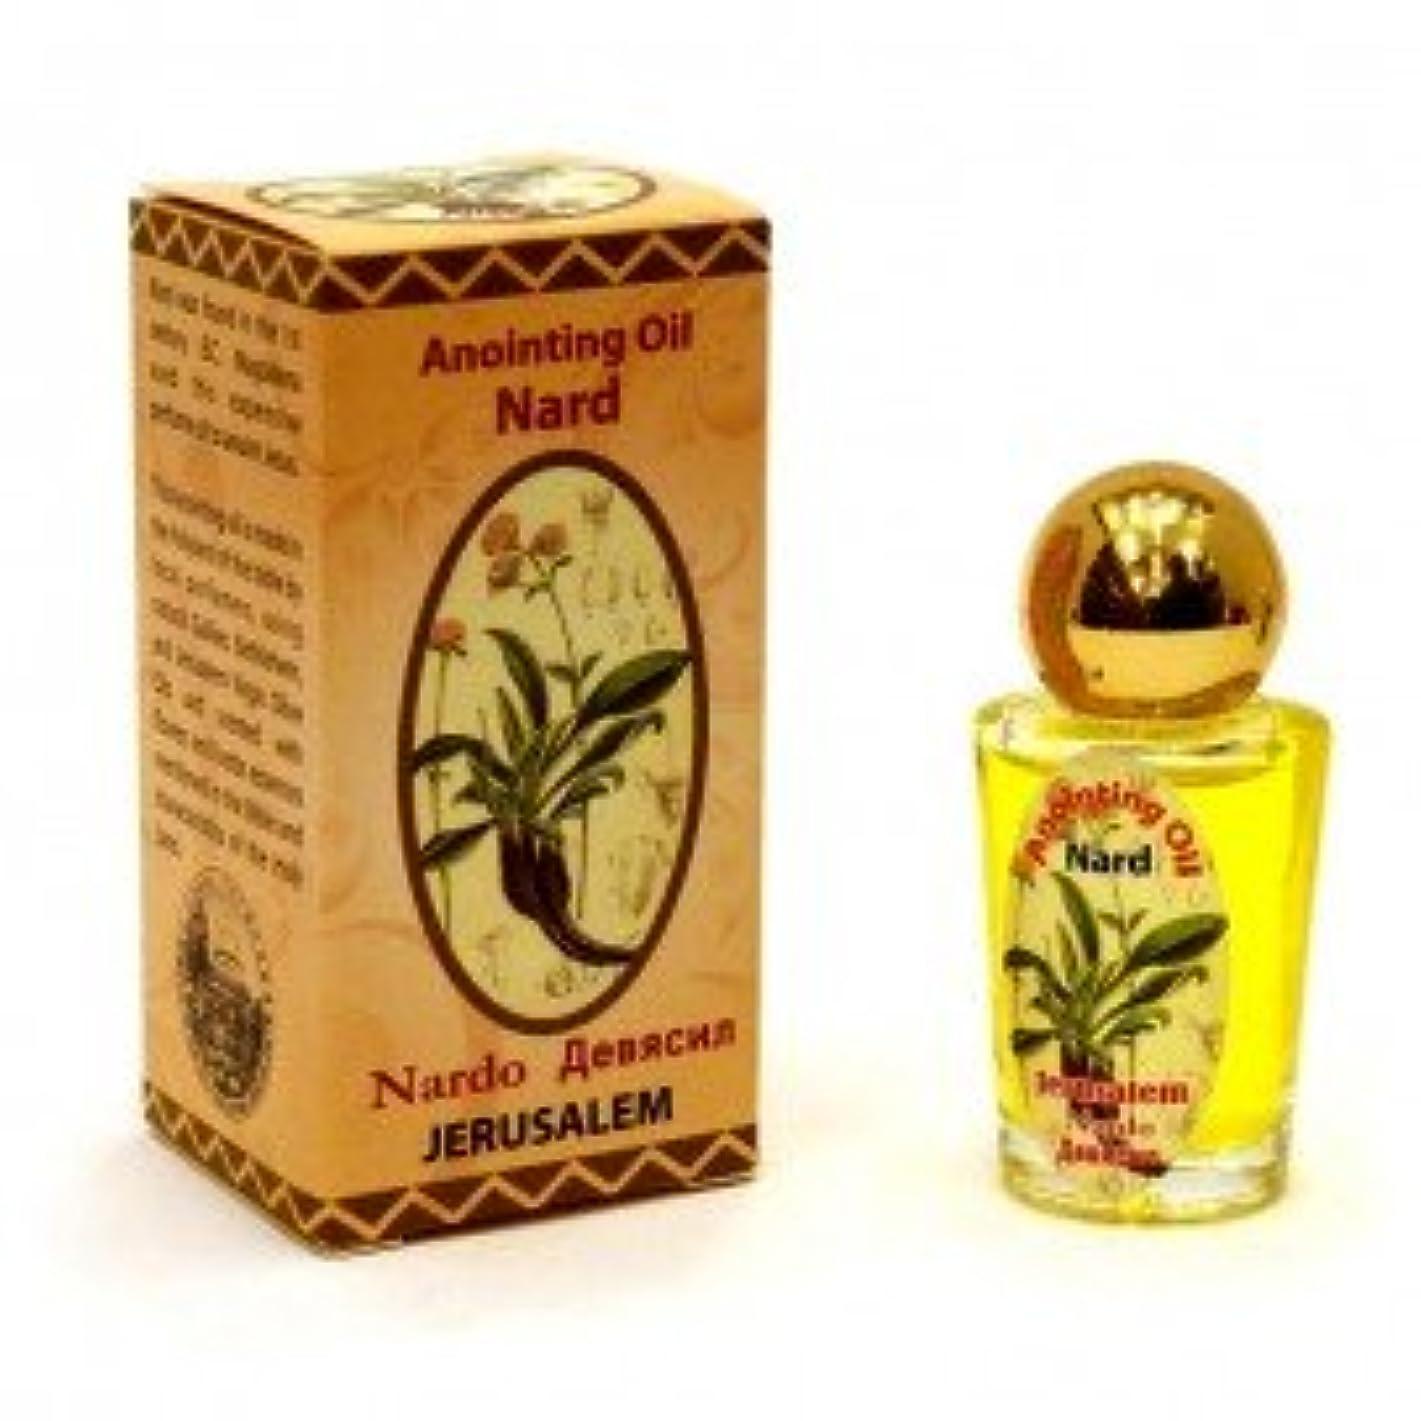 遷移水っぽい鎮痛剤Holy Land Blessed Anointingオイル30 ml Biblical Fragrance Jerusalem byベツレヘムギフトTM